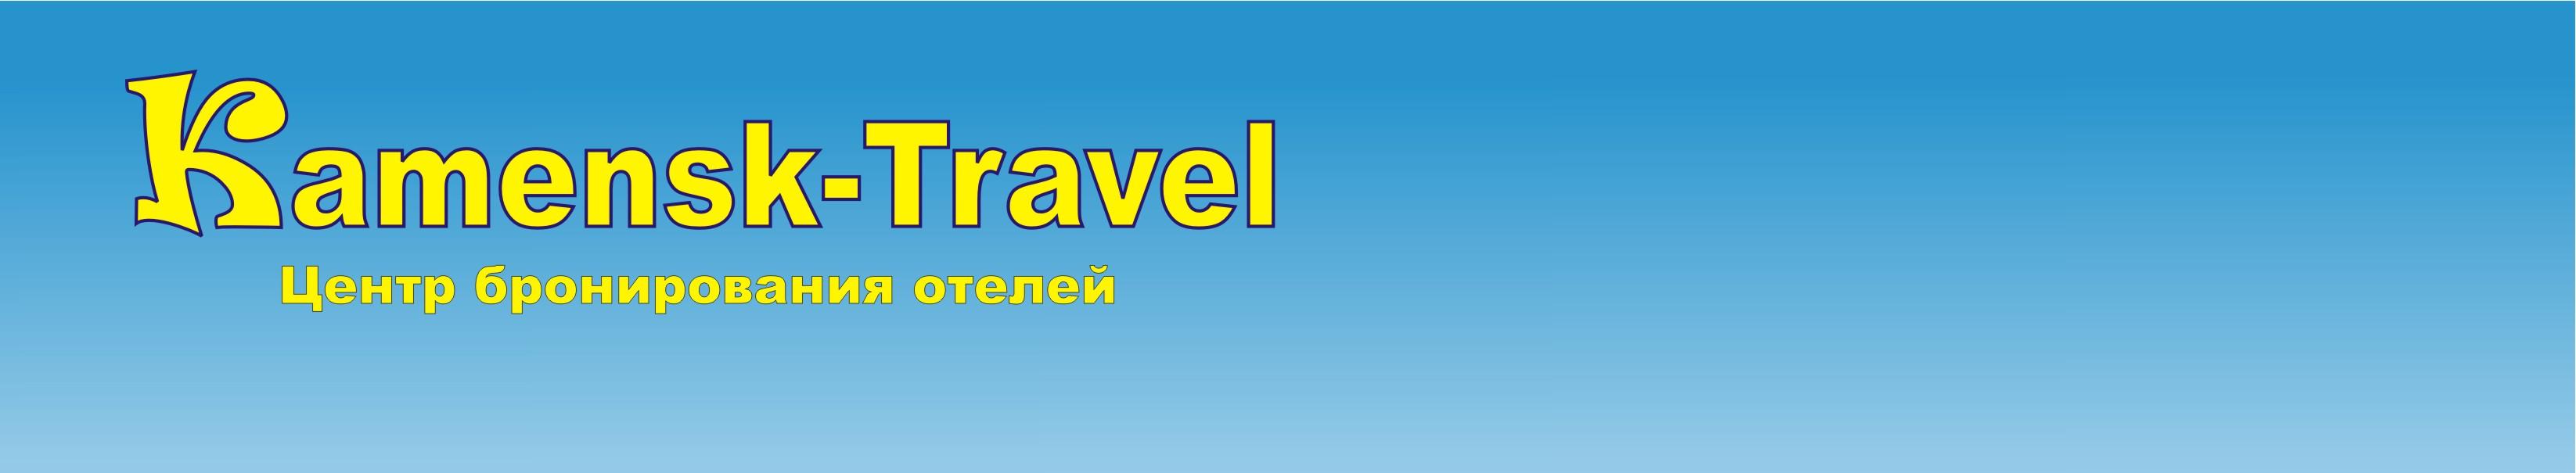 Центр бронирования отелей Kamensk Travel